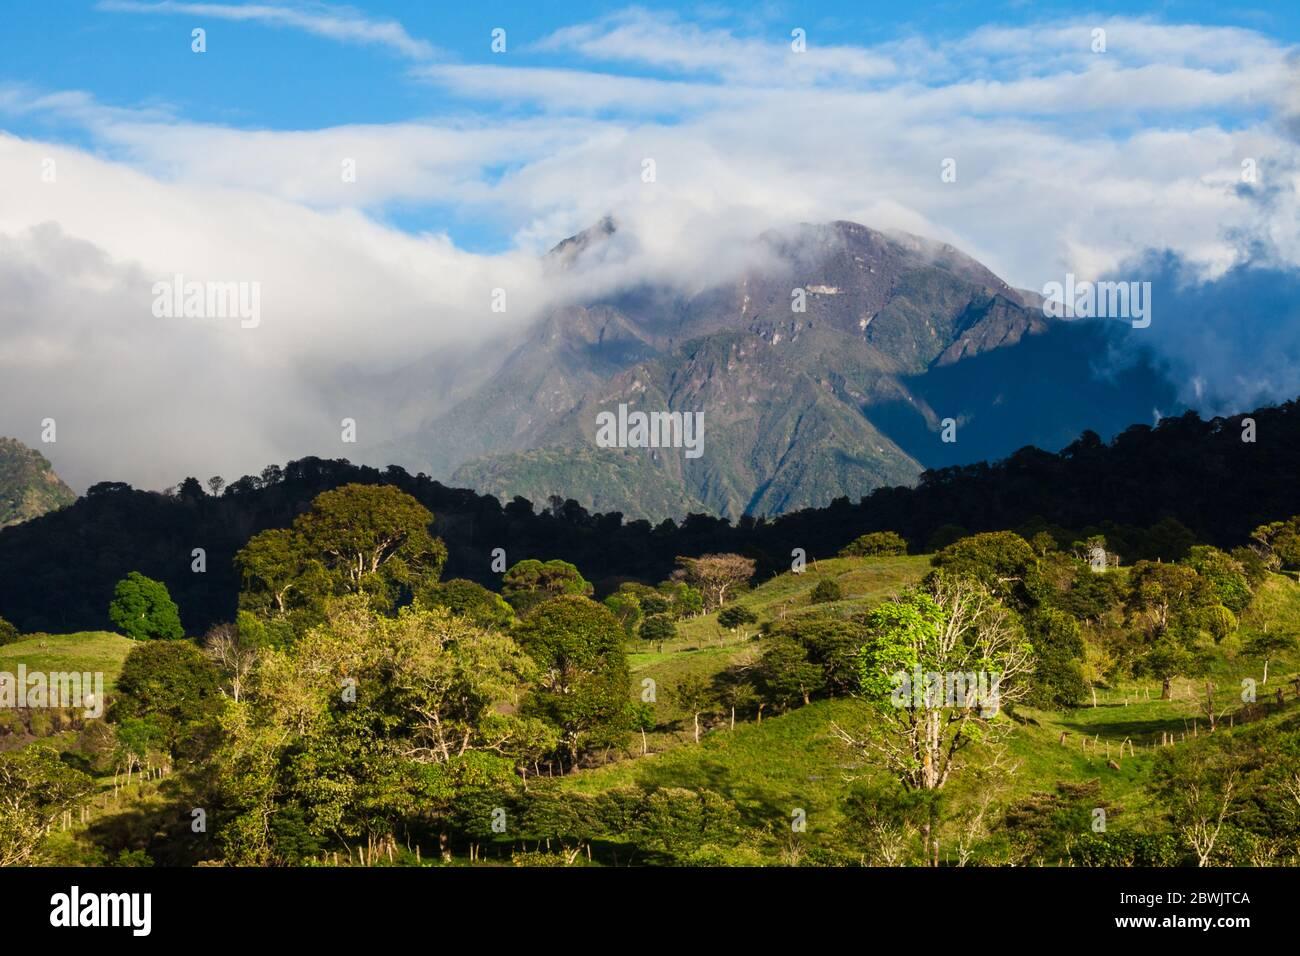 Luz de noche en Volvan Baru, 3475 m, visto desde las afueras de la ciudad de Volcan, provincia de Chiriqui, República de Panamá. Foto de stock